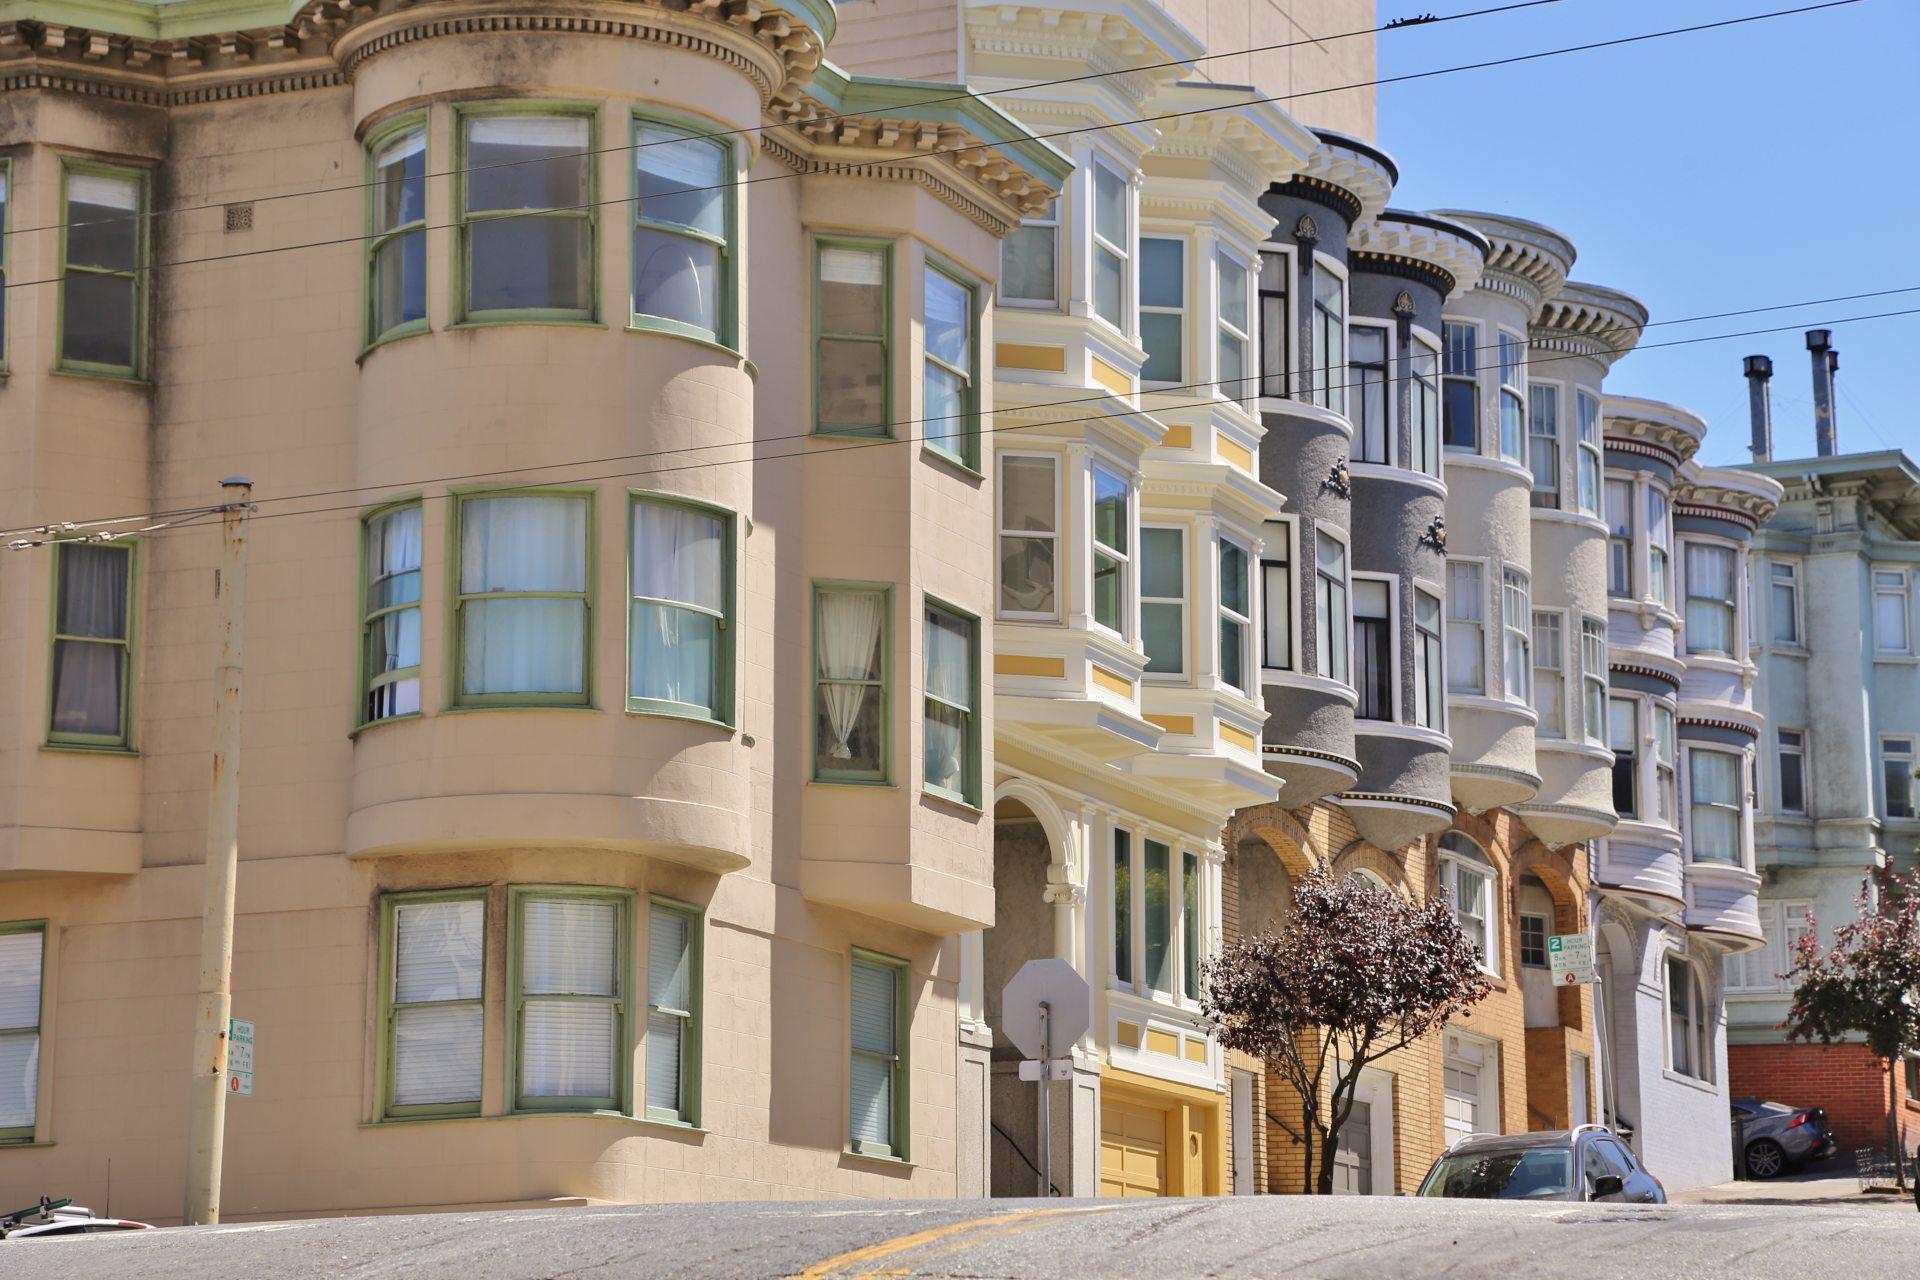 Viktorianische Prachtbauten in San Francisco - Architektur, Erker, Fassade, Gebäude, Häuser, Himmel, Kalifornien, San Francisco - (Russian Hill, San Francisco, California, Vereinigte Staaten)